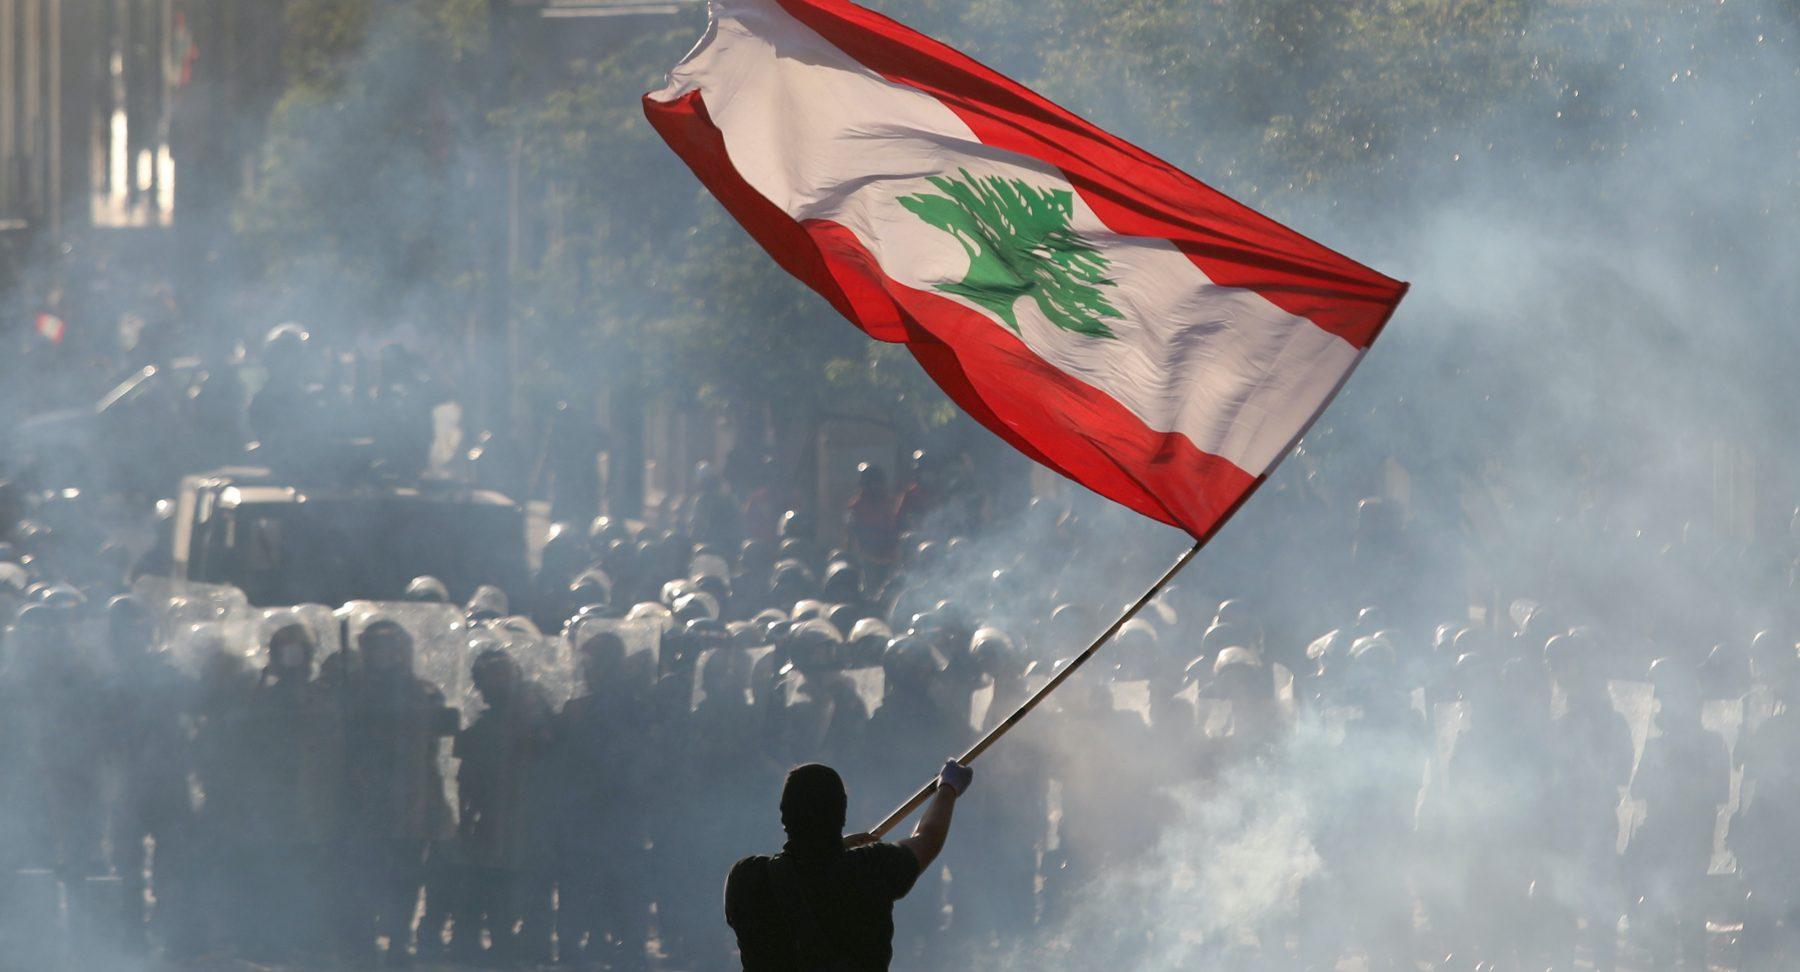 libanon regering treedt af